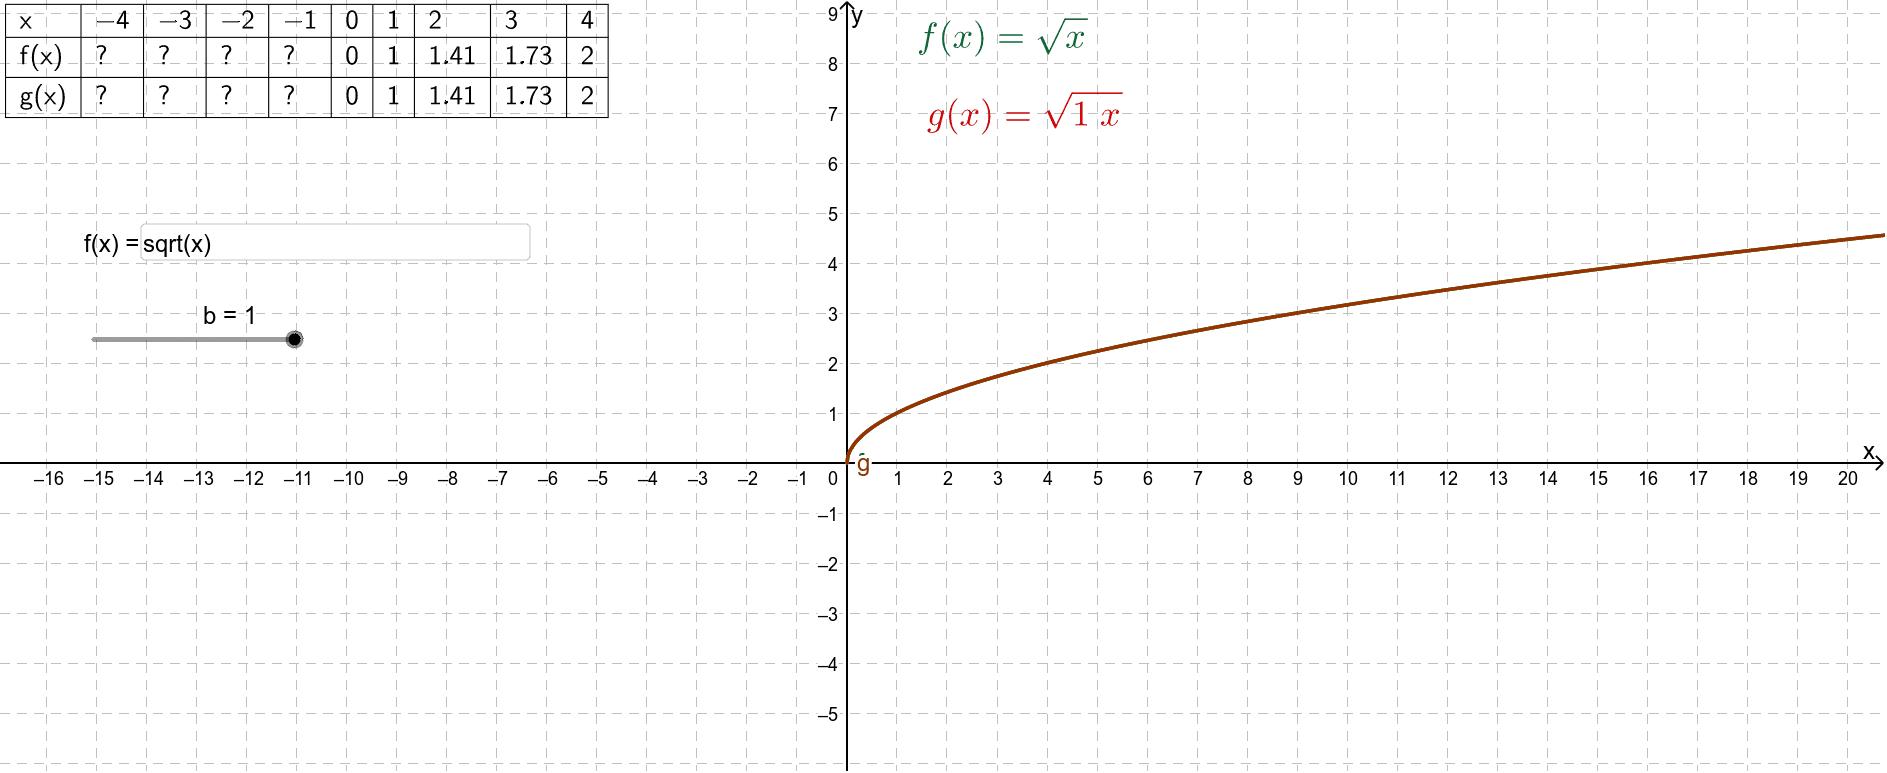 Wijzig de waarde voor b met de schuifknop. Je hebt de keuze tussen 1 en -1. In het invulvak kun je een andere elementaire functie invoeren.